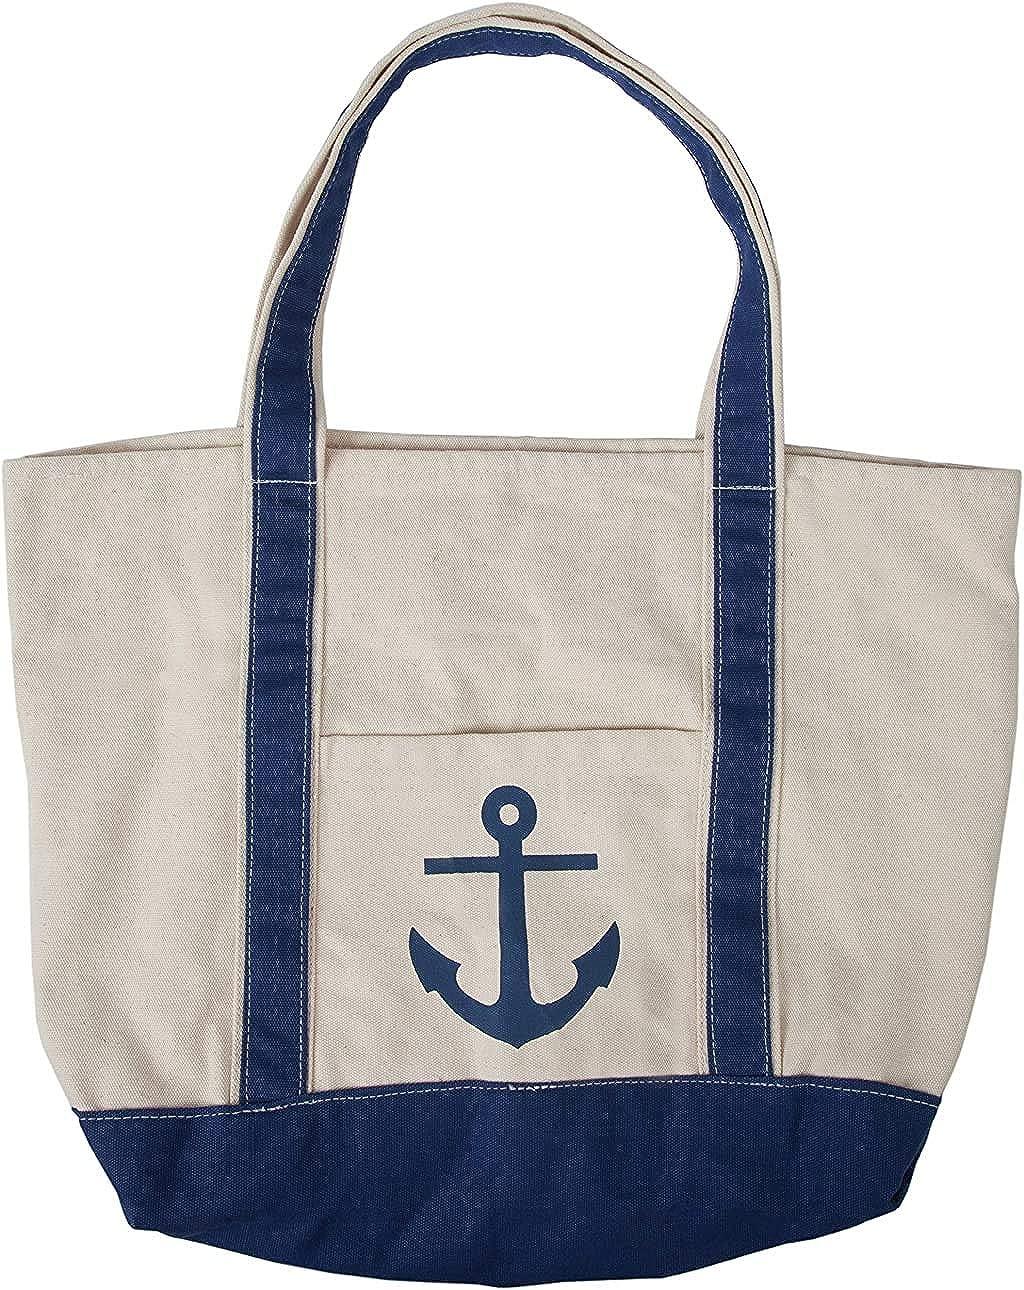 SC Recreational Canvas Anchor Brand Cheap Sale Venue Beach Bag with Tote Pool Car Max 45% OFF -XL